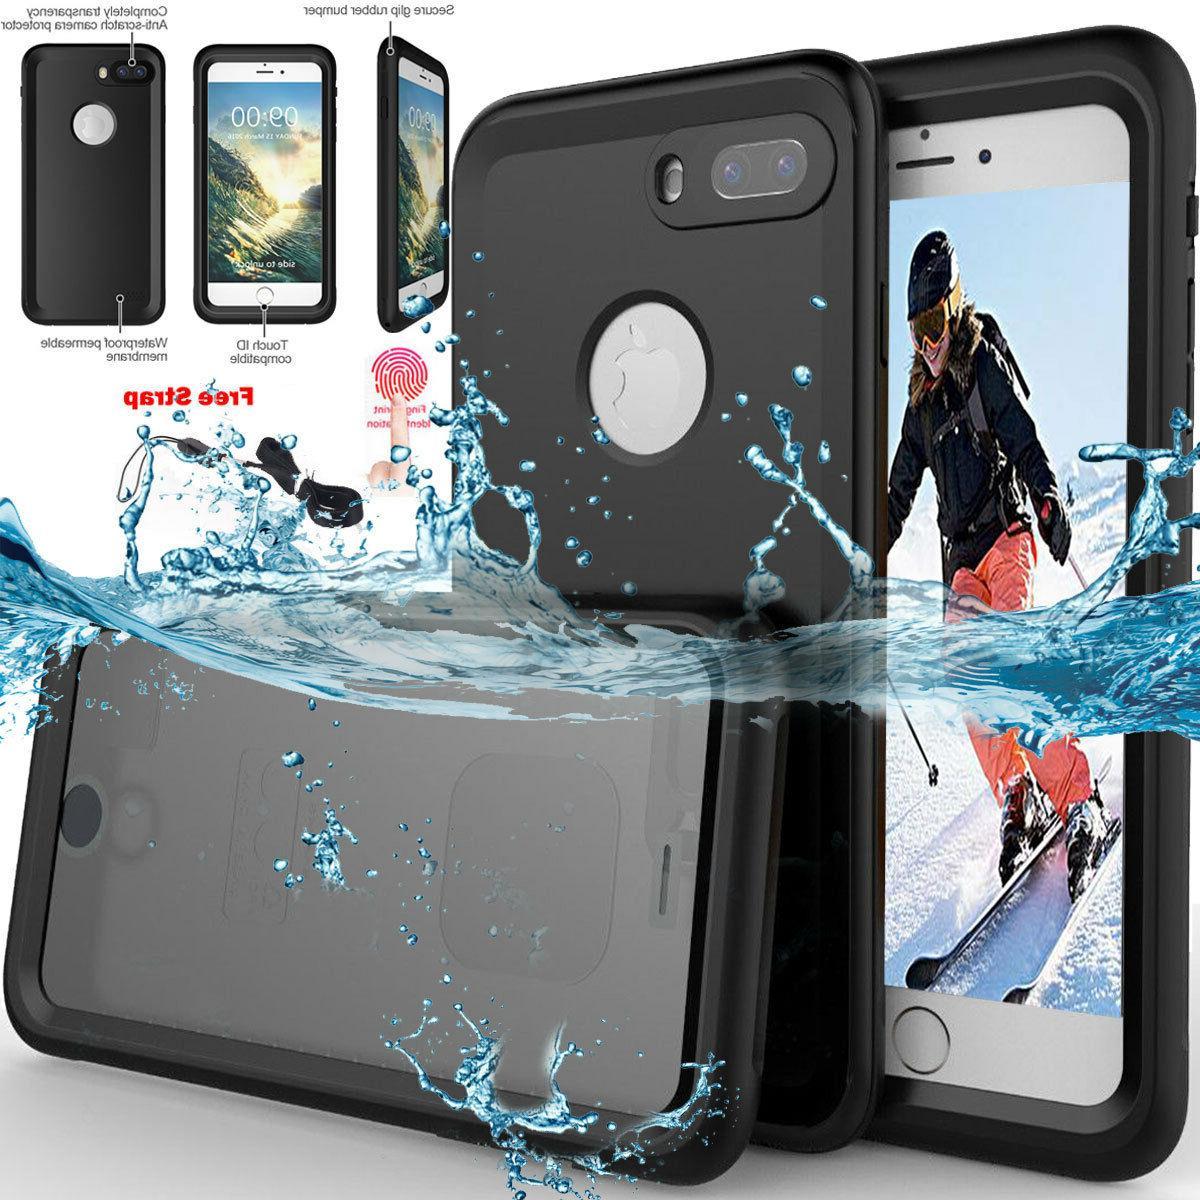 slim waterproof shockproof heavy duty hard case